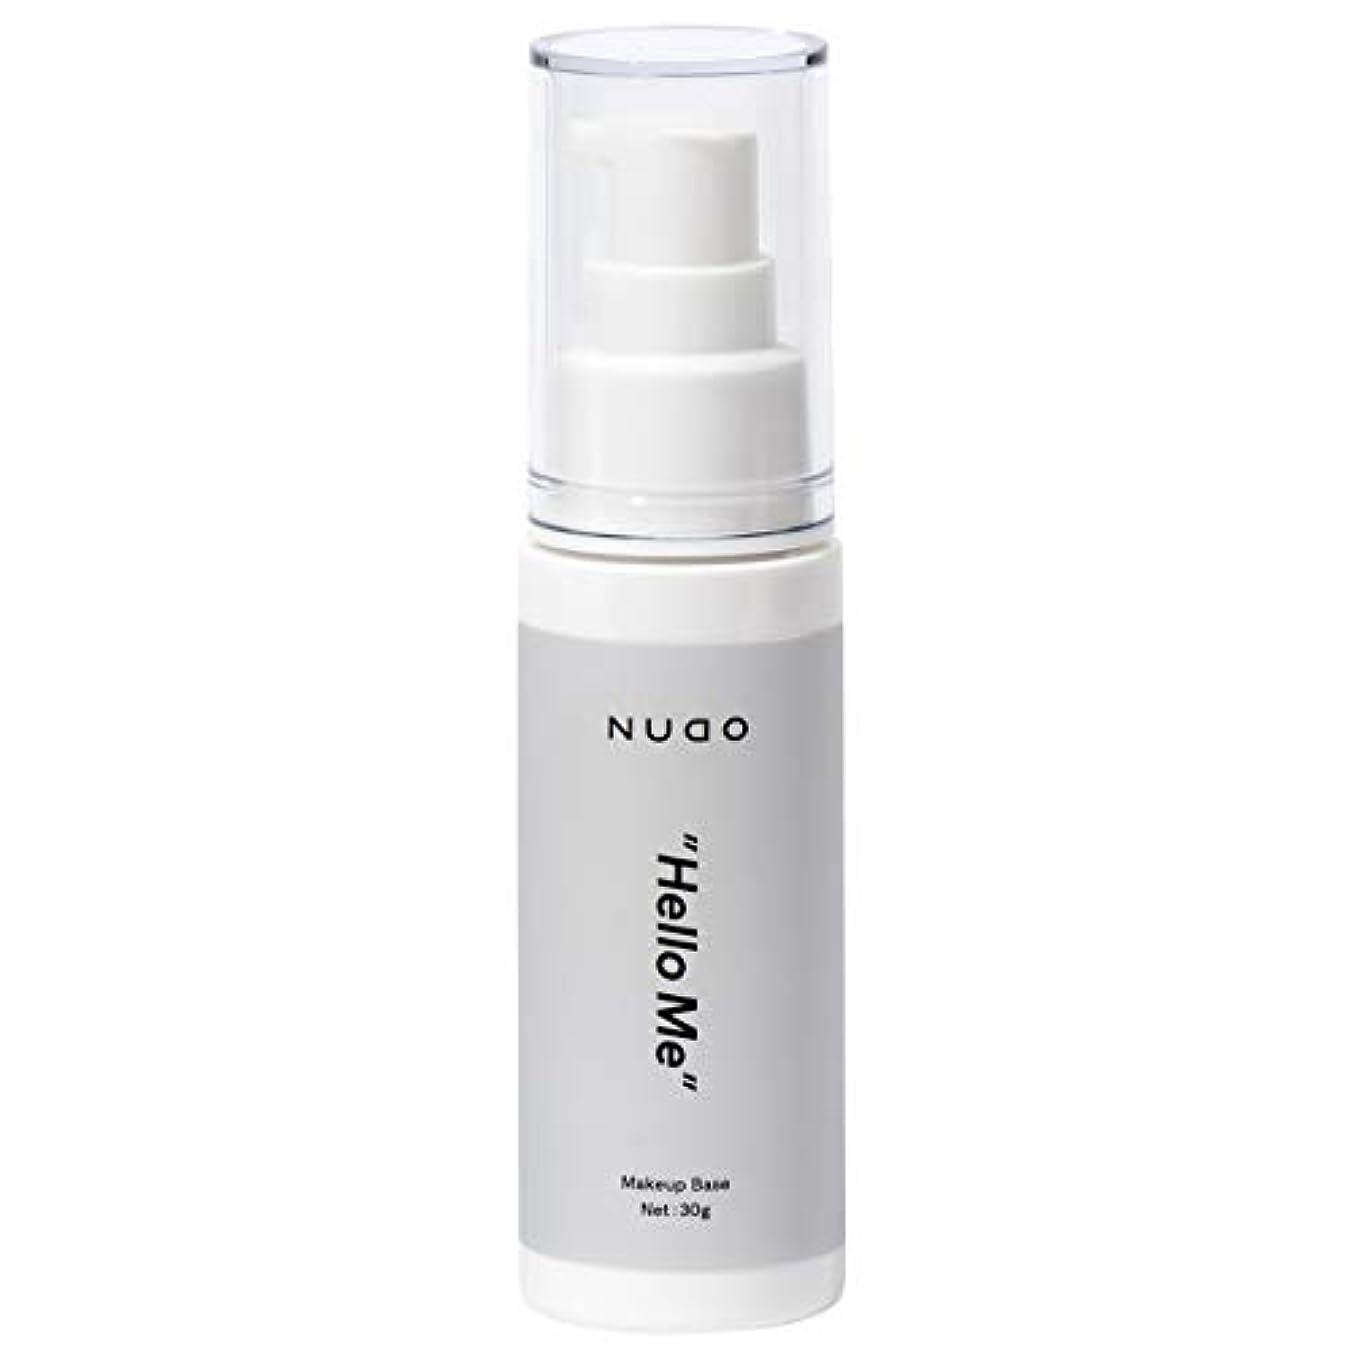 実質的初期試用NUDO (ヌード) モイストベースクリーム BBクリーム コンシーラー ファンデーション メンズ メンズコスメ|毛穴/ニキビ跡/クマ/青ひげ/シミ を保湿しながら自然にカバー 30g